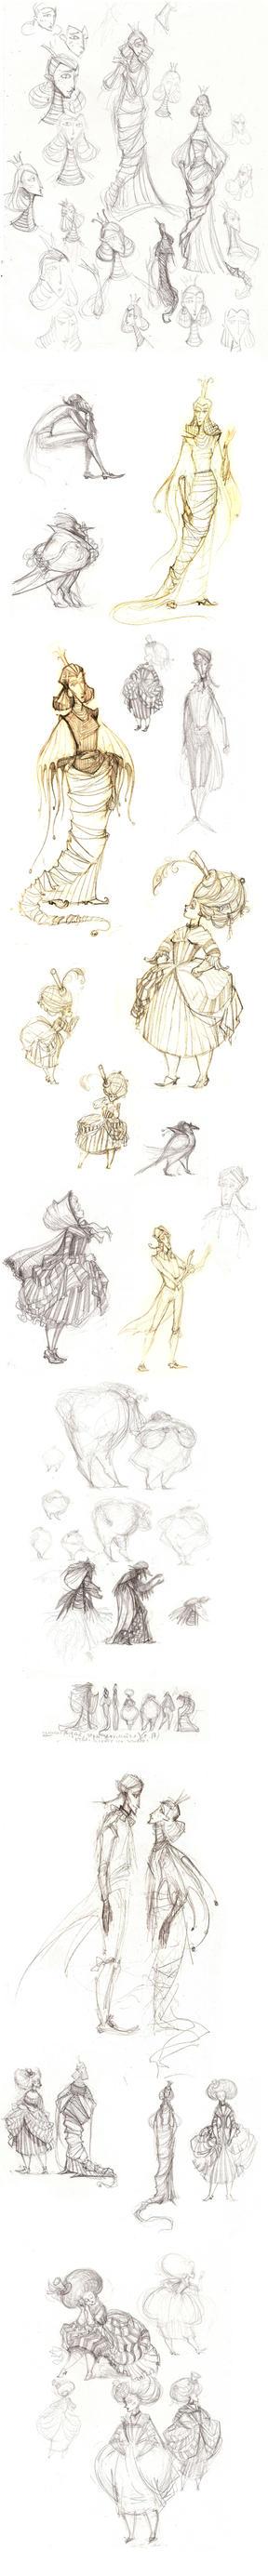 Golden Pot Character Design by Catoram-A